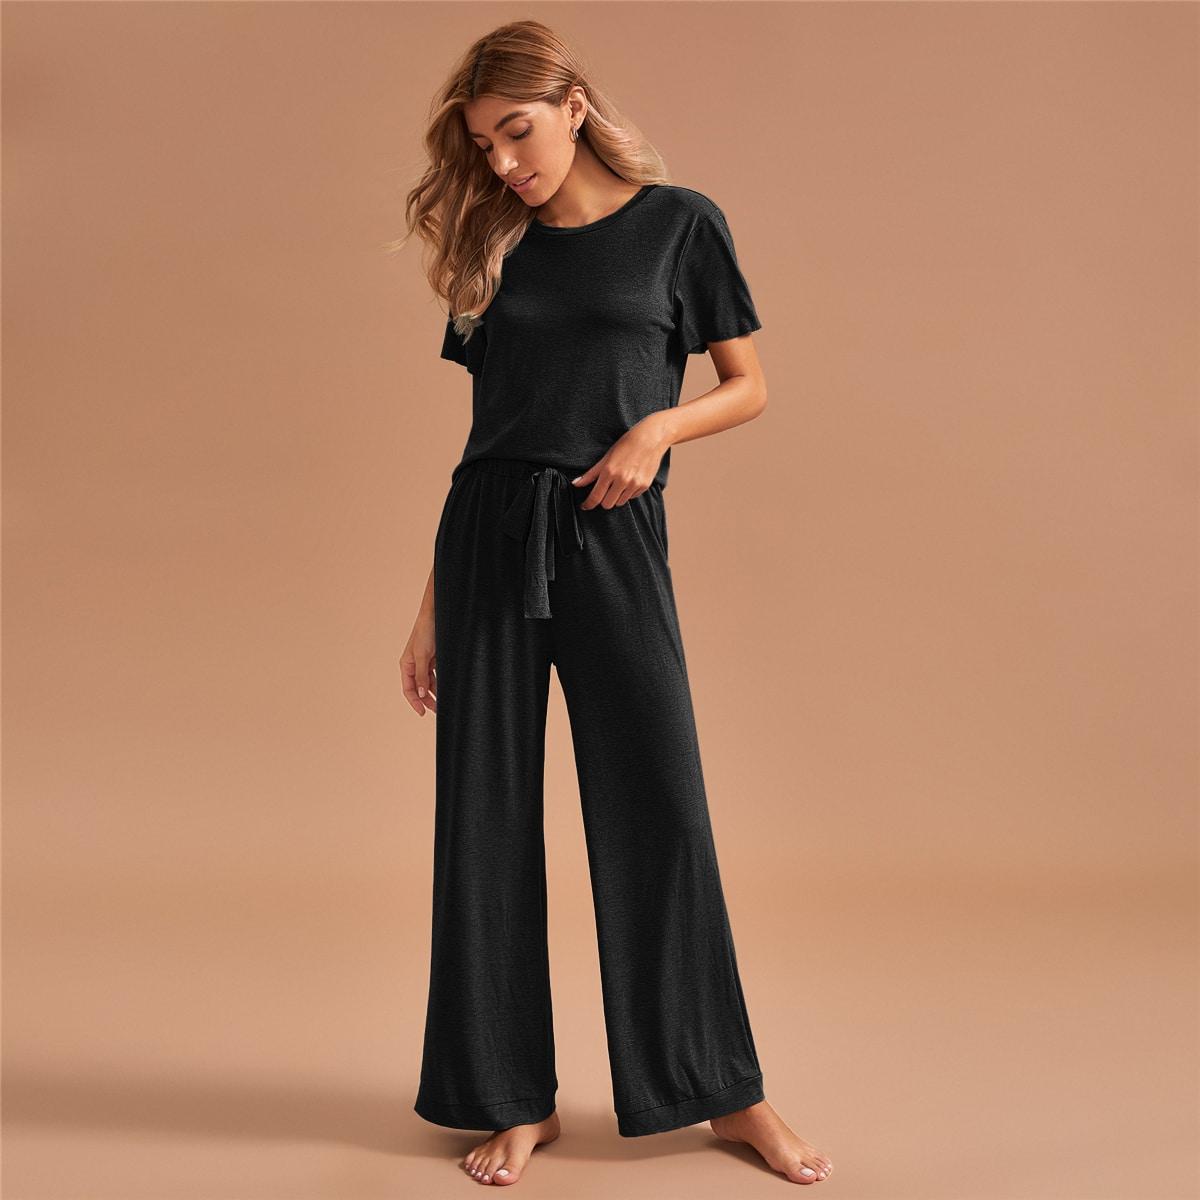 SHEIN / Schlafanzug Set mit rundem Kragen und Kordelzug auf Taille